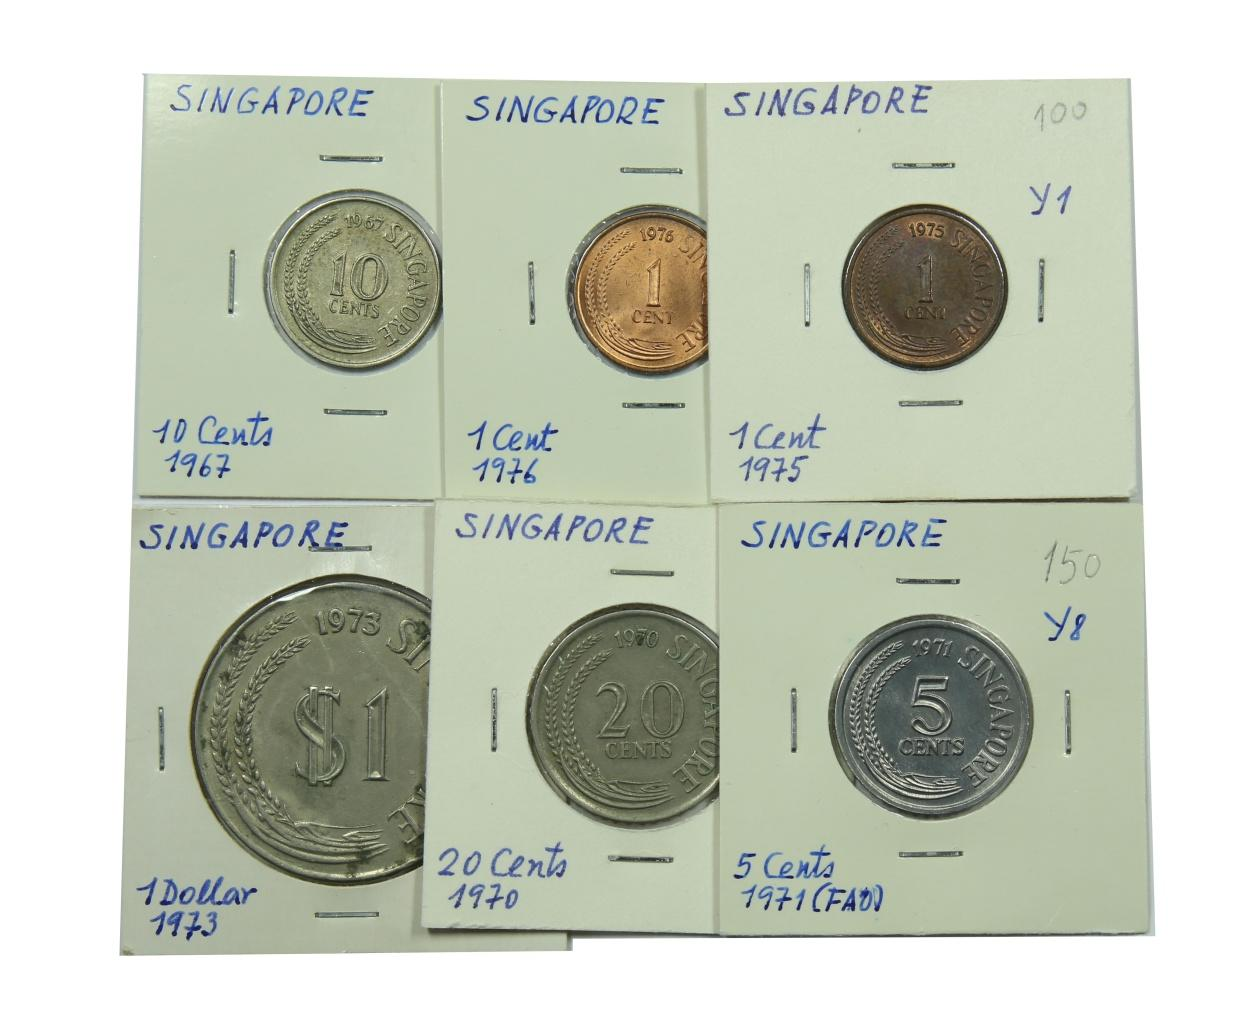 Numisbids Numismática Leilões Auction 38 Lot 155